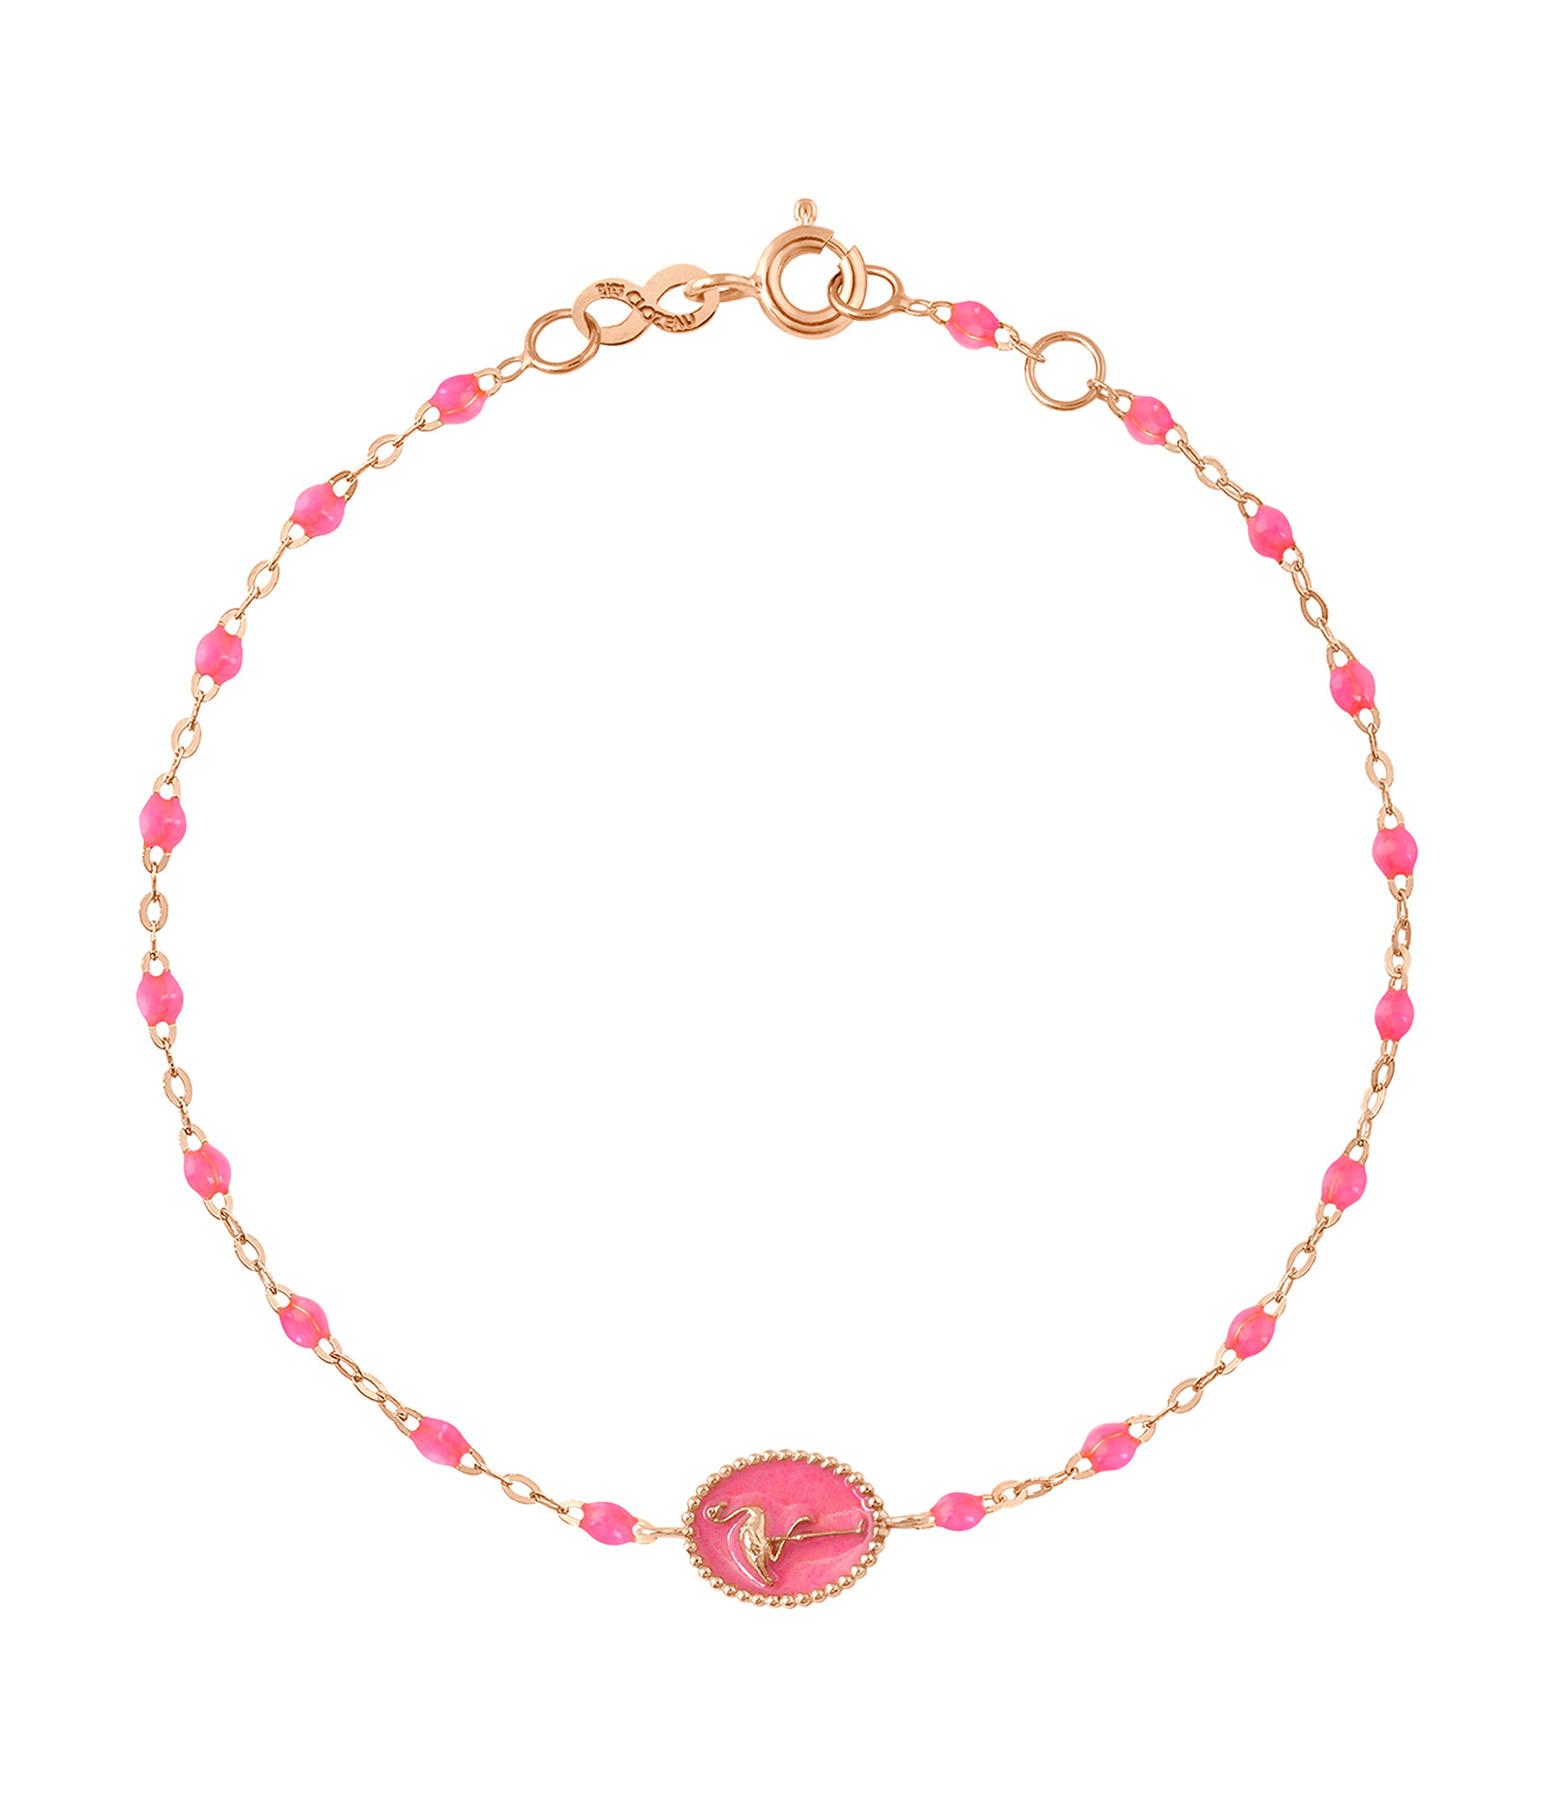 GIGI CLOZEAU - Bracelet Flamant Rose Perles Résine OR Rose Fluo